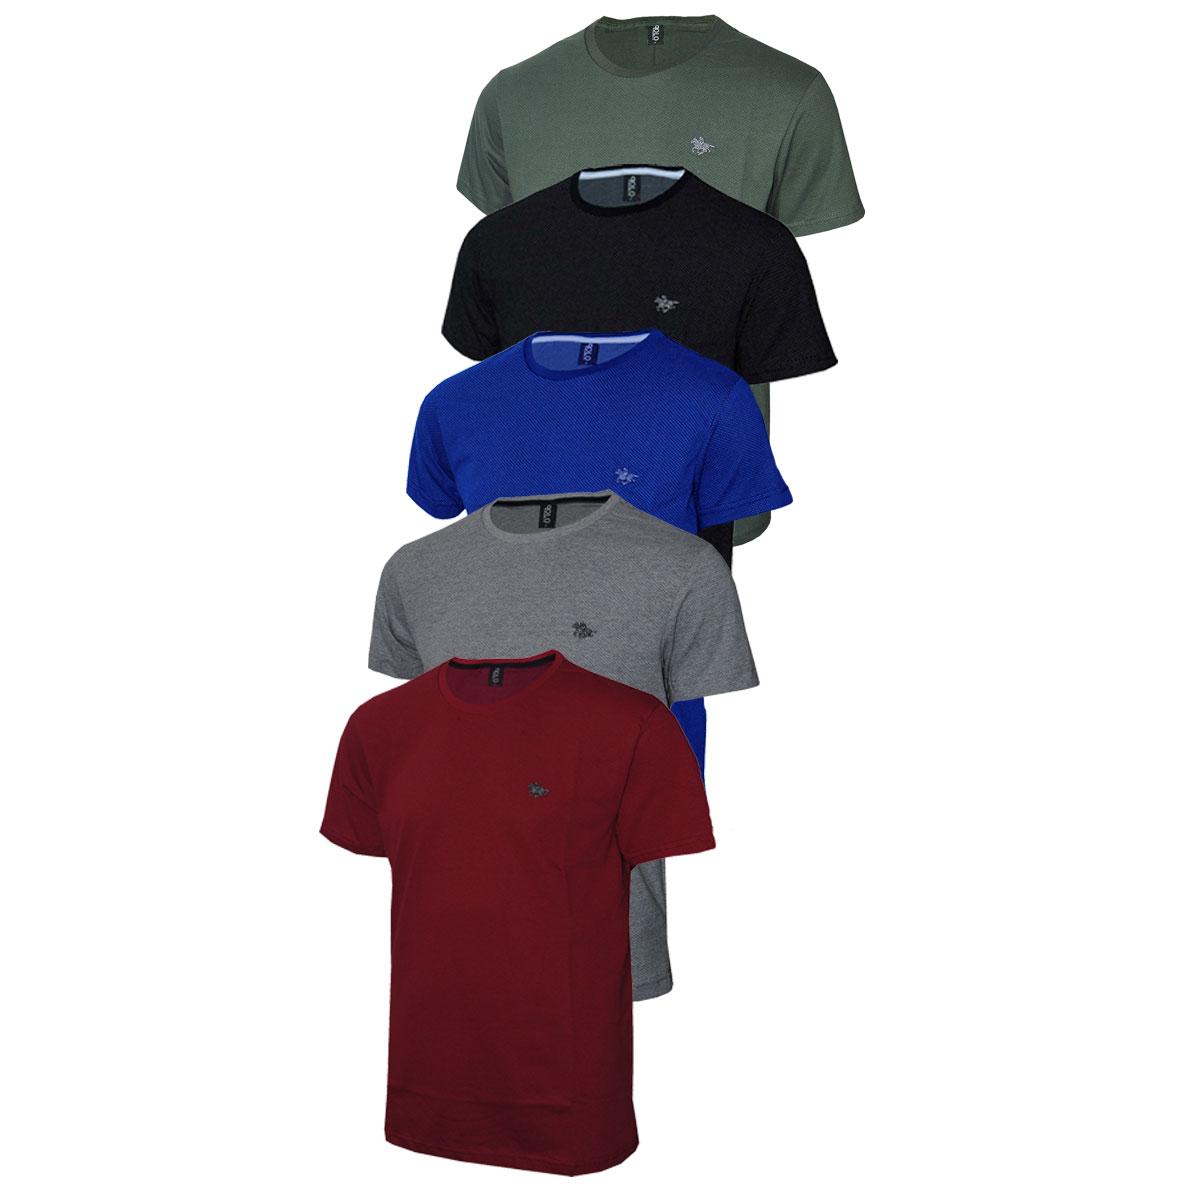 Kit com 5 Camisetas Masculina Plus Size com Logo Metalizado